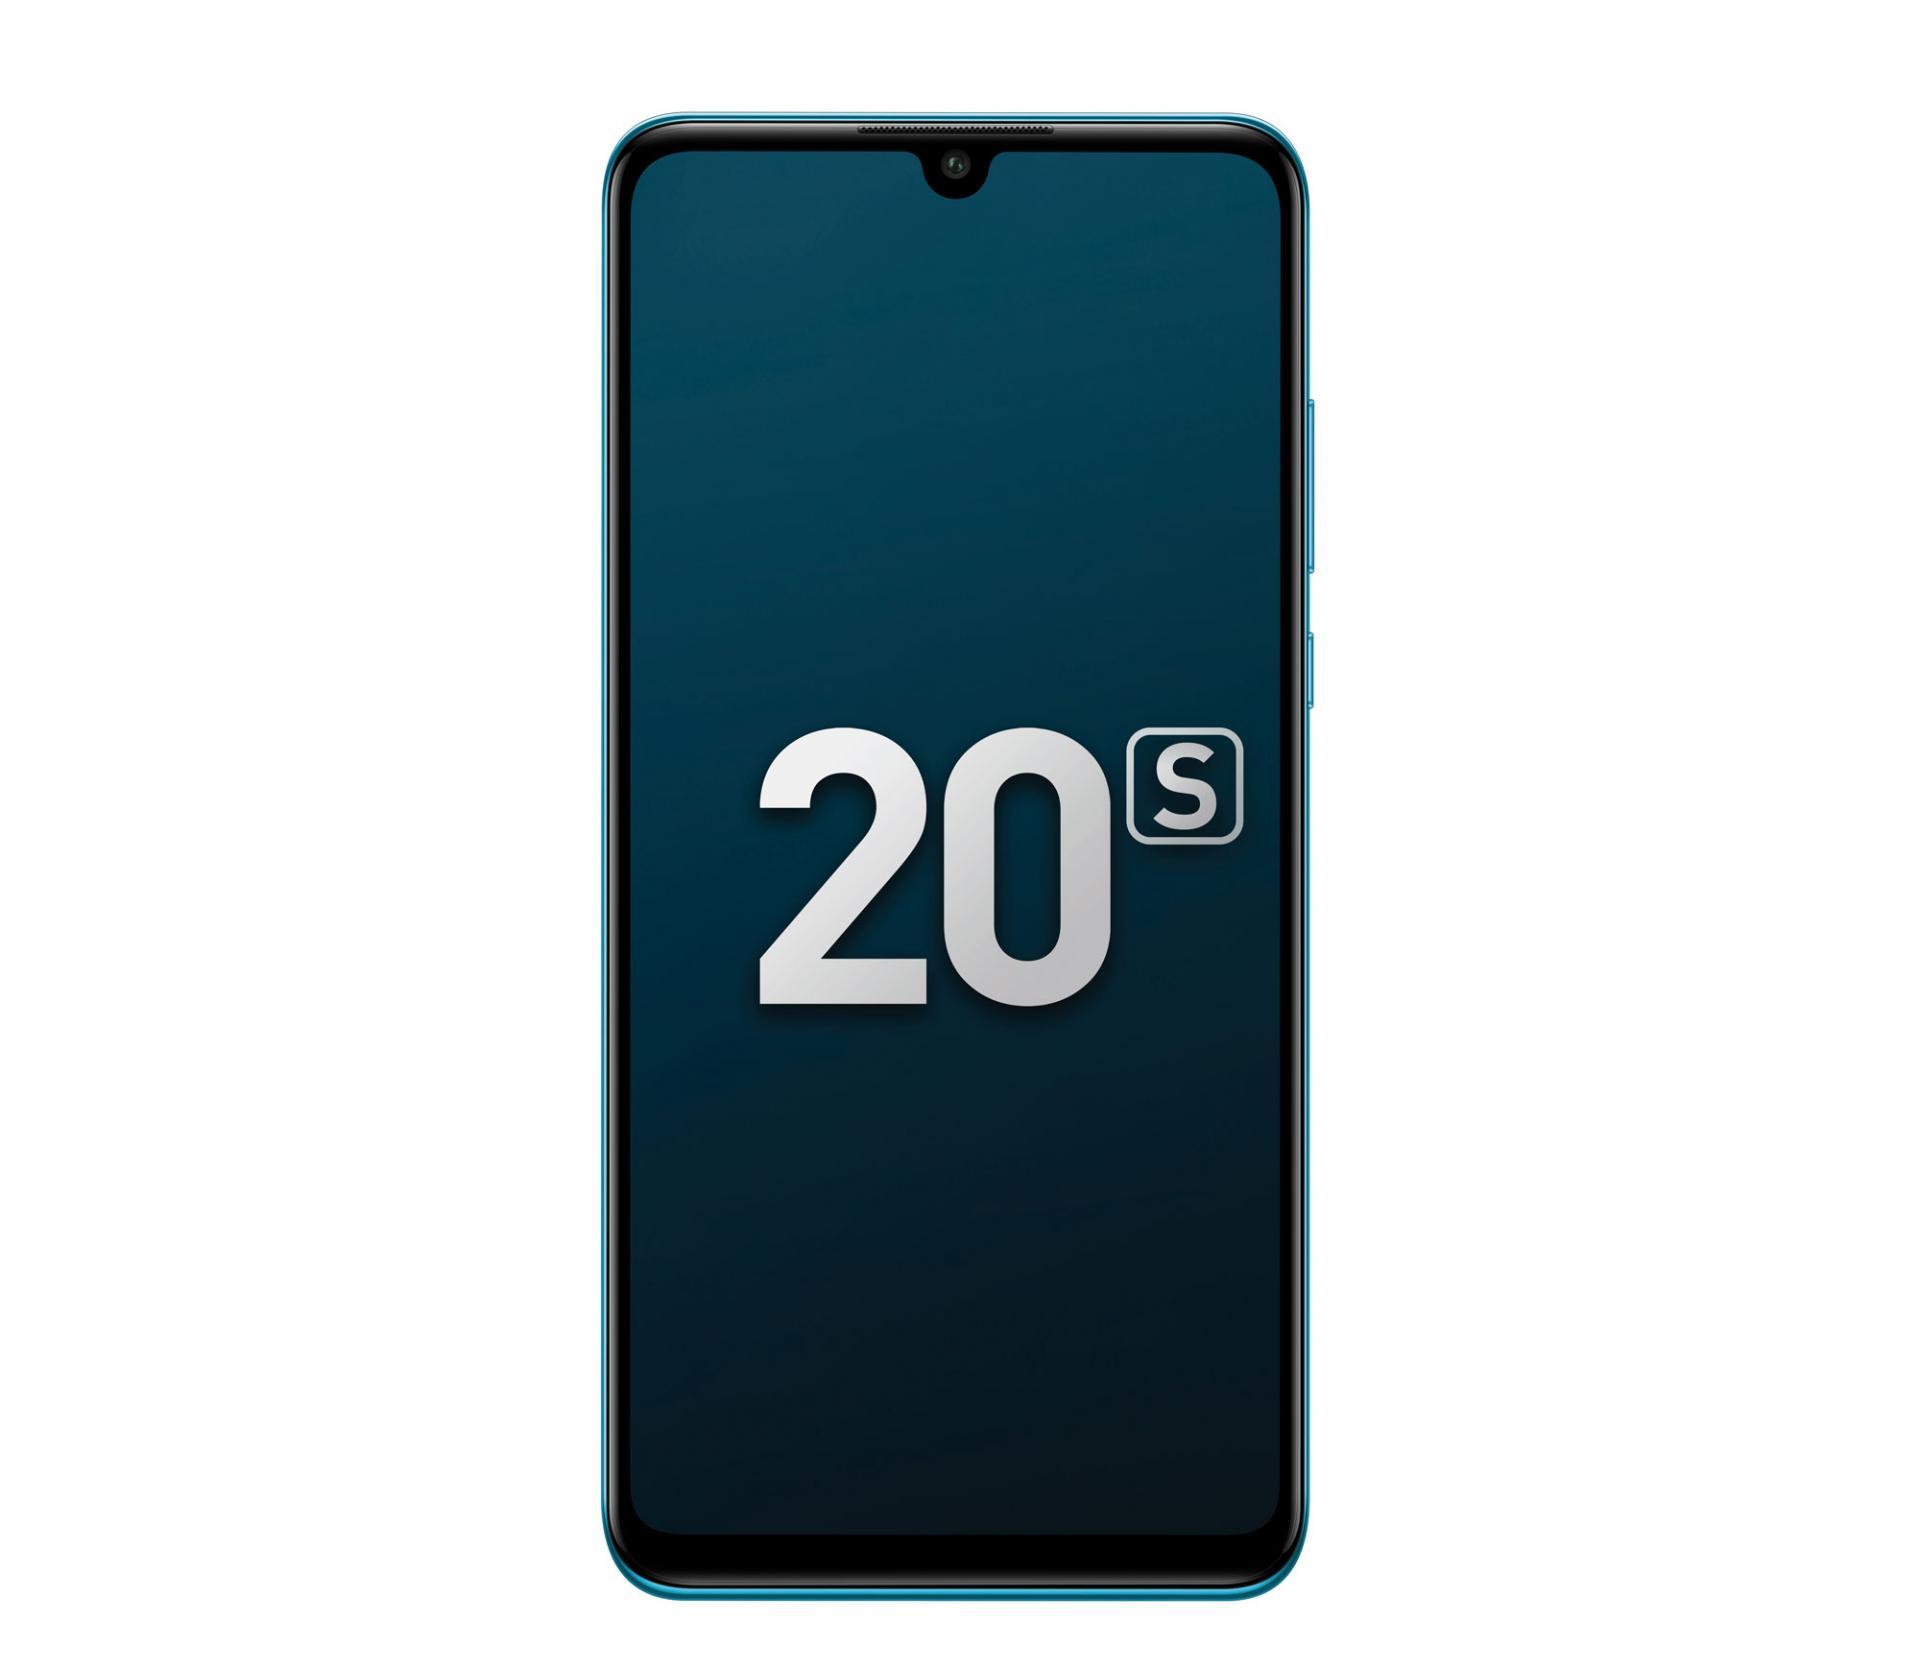 Honor 20S сночным режимом фронтальной камеры. Зачем его покупать?